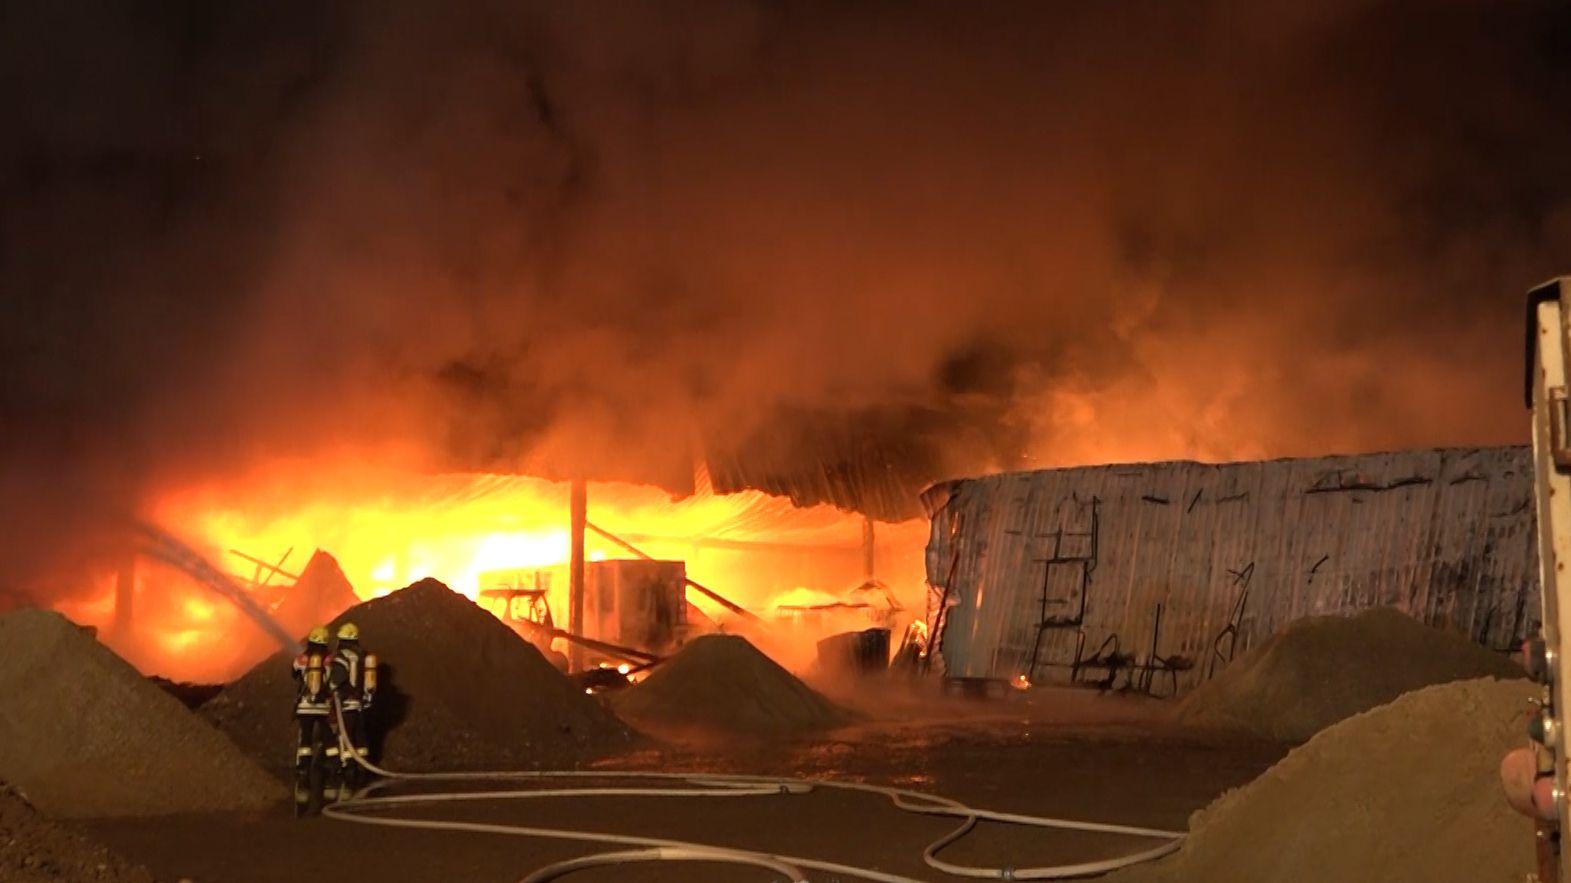 Die Lagerhalle in Flammen